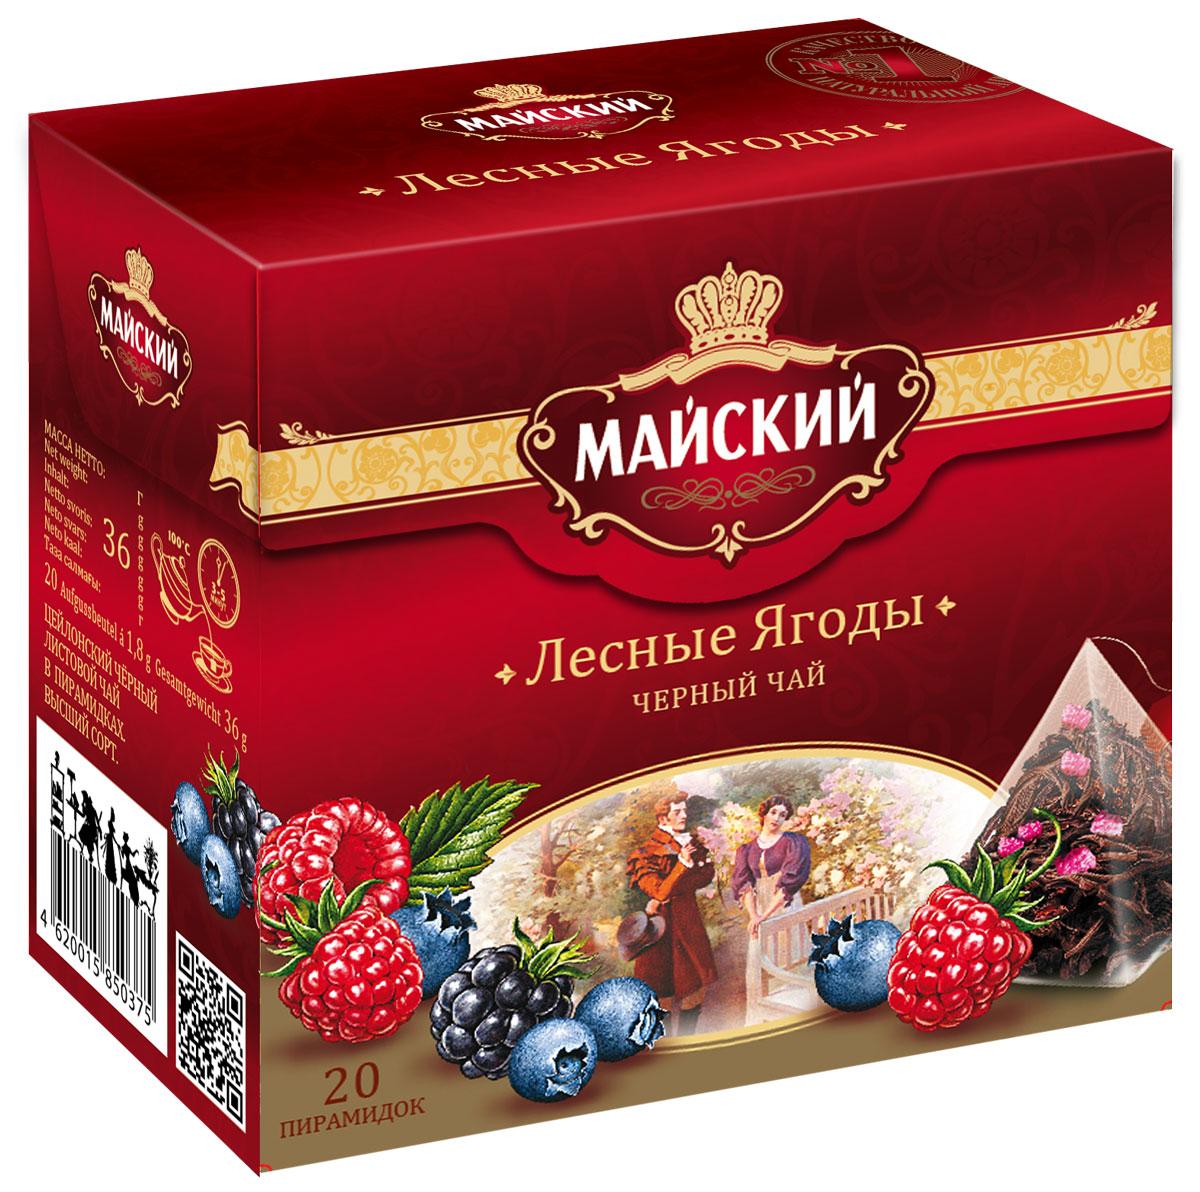 Майский Лесные ягоды черный чай в пирамидках, 20 шт куплю дом в поселке майский белгородский район